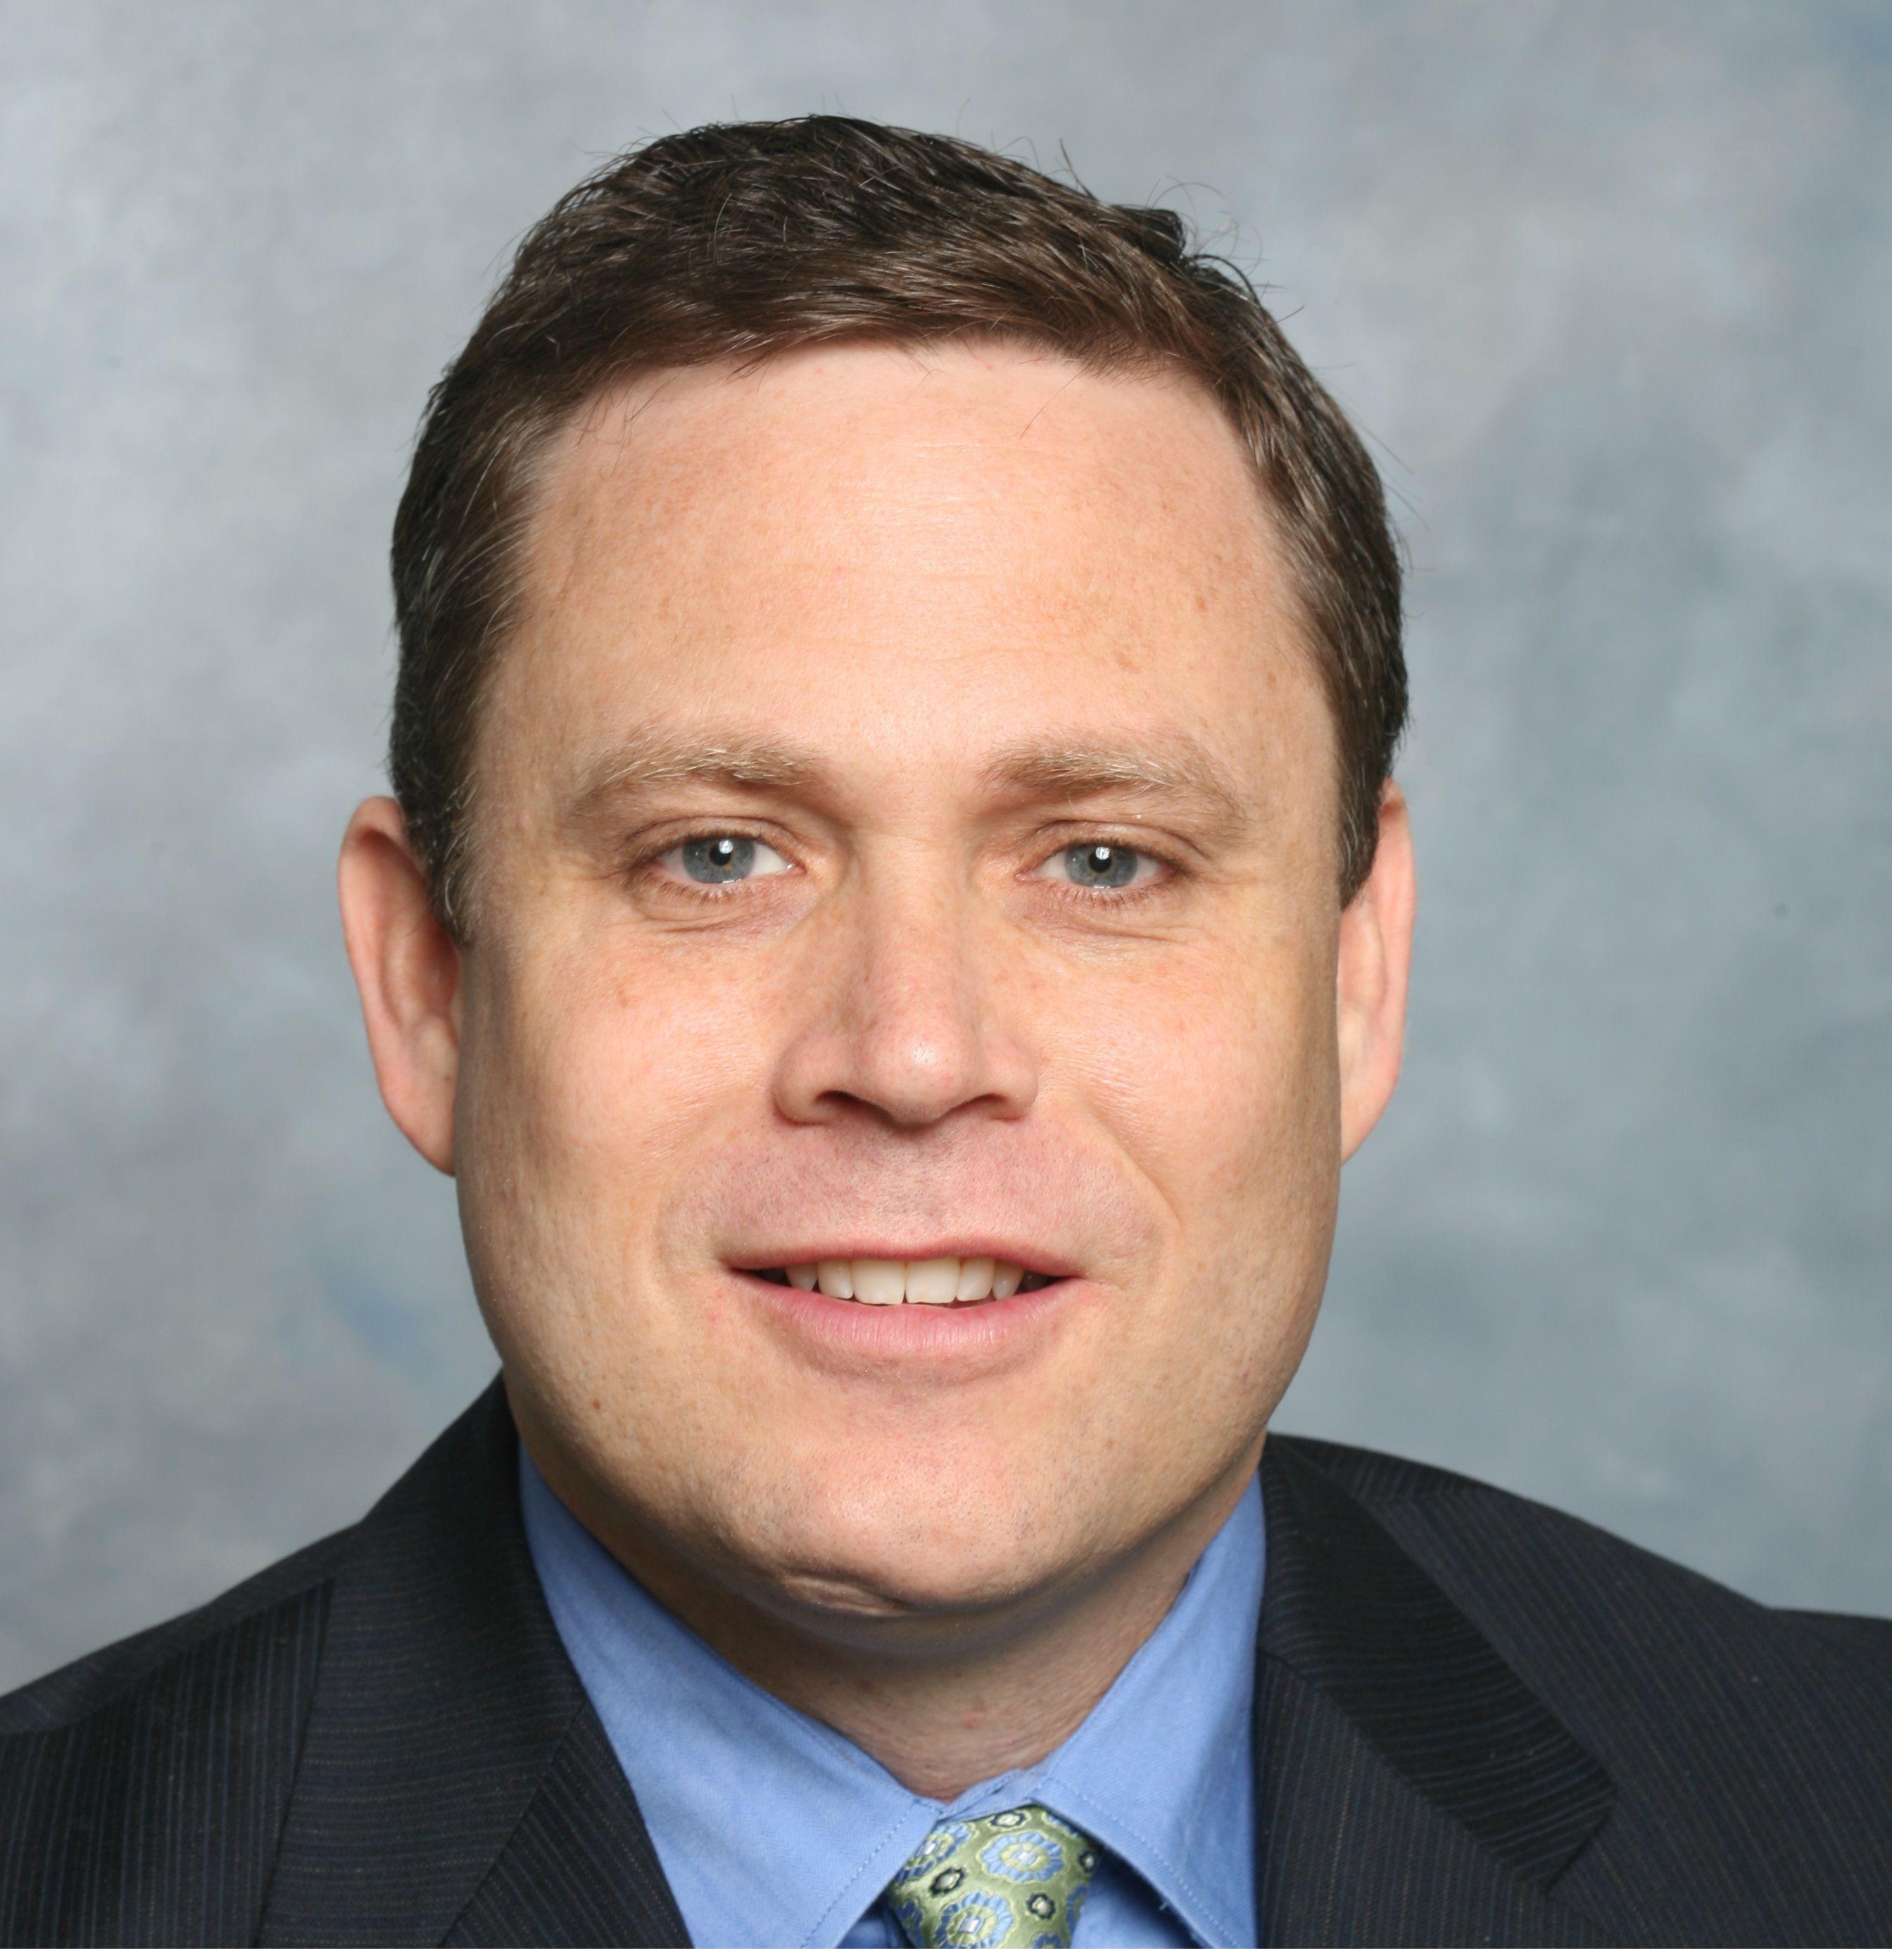 Jeff Weidenborner